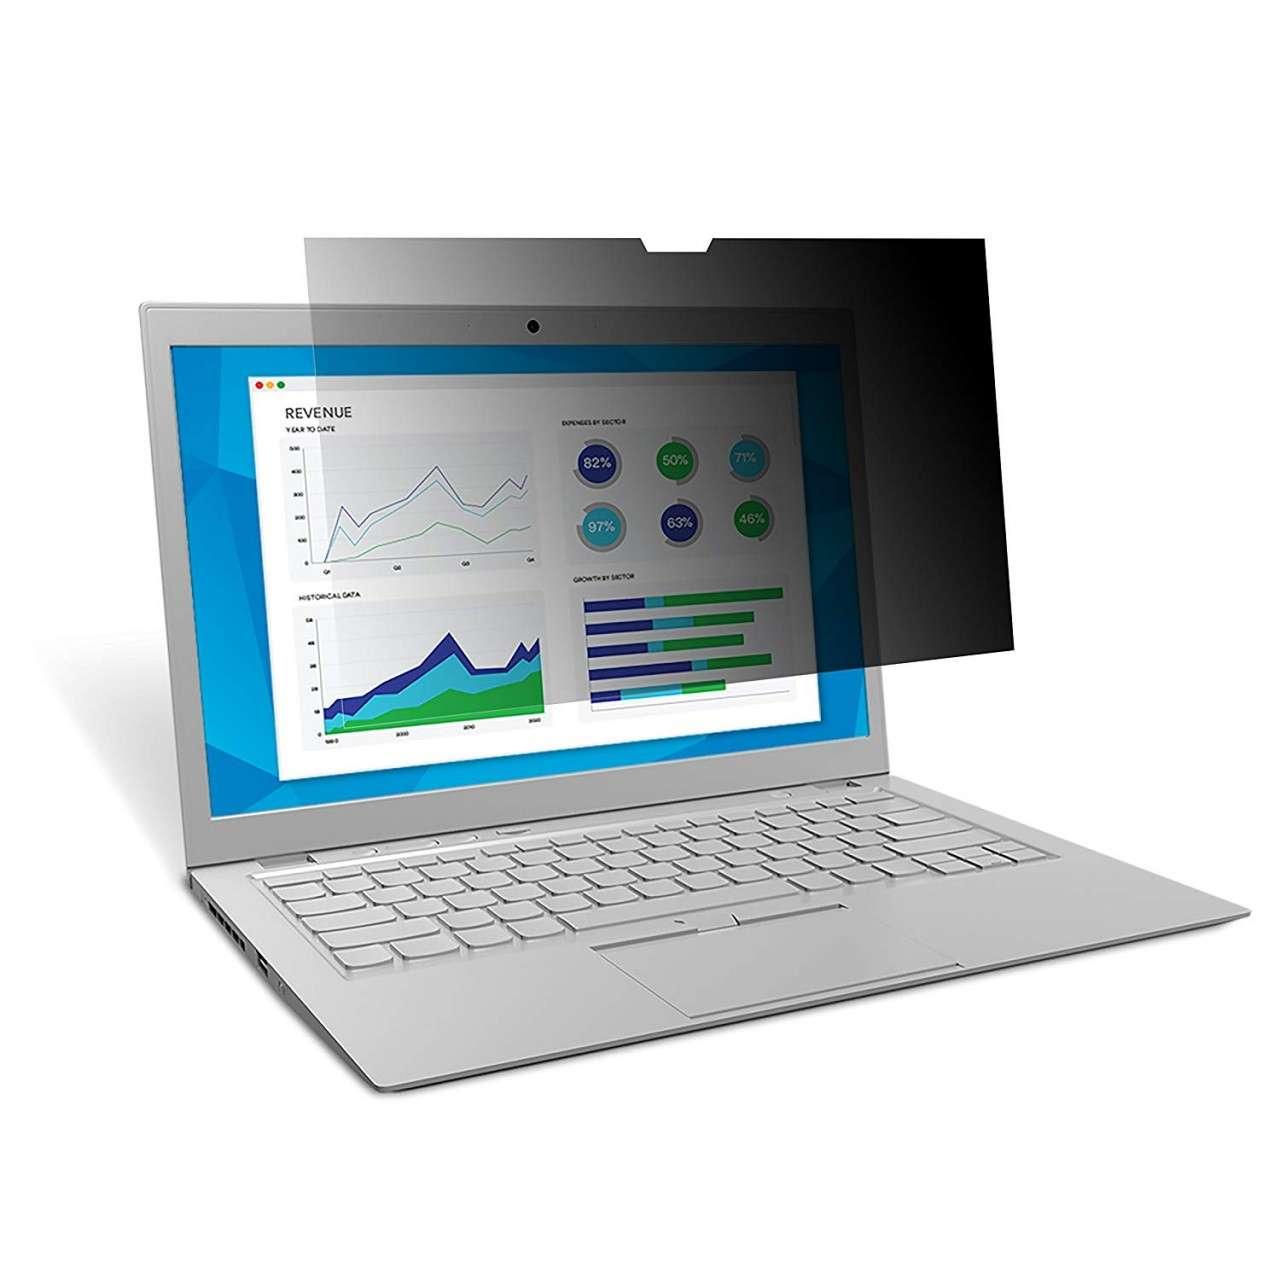 Filtru confidentialitate 13.3 inch aspect 16 9 dimensiuni 294x165mm imagine powerlaptop.ro 2021